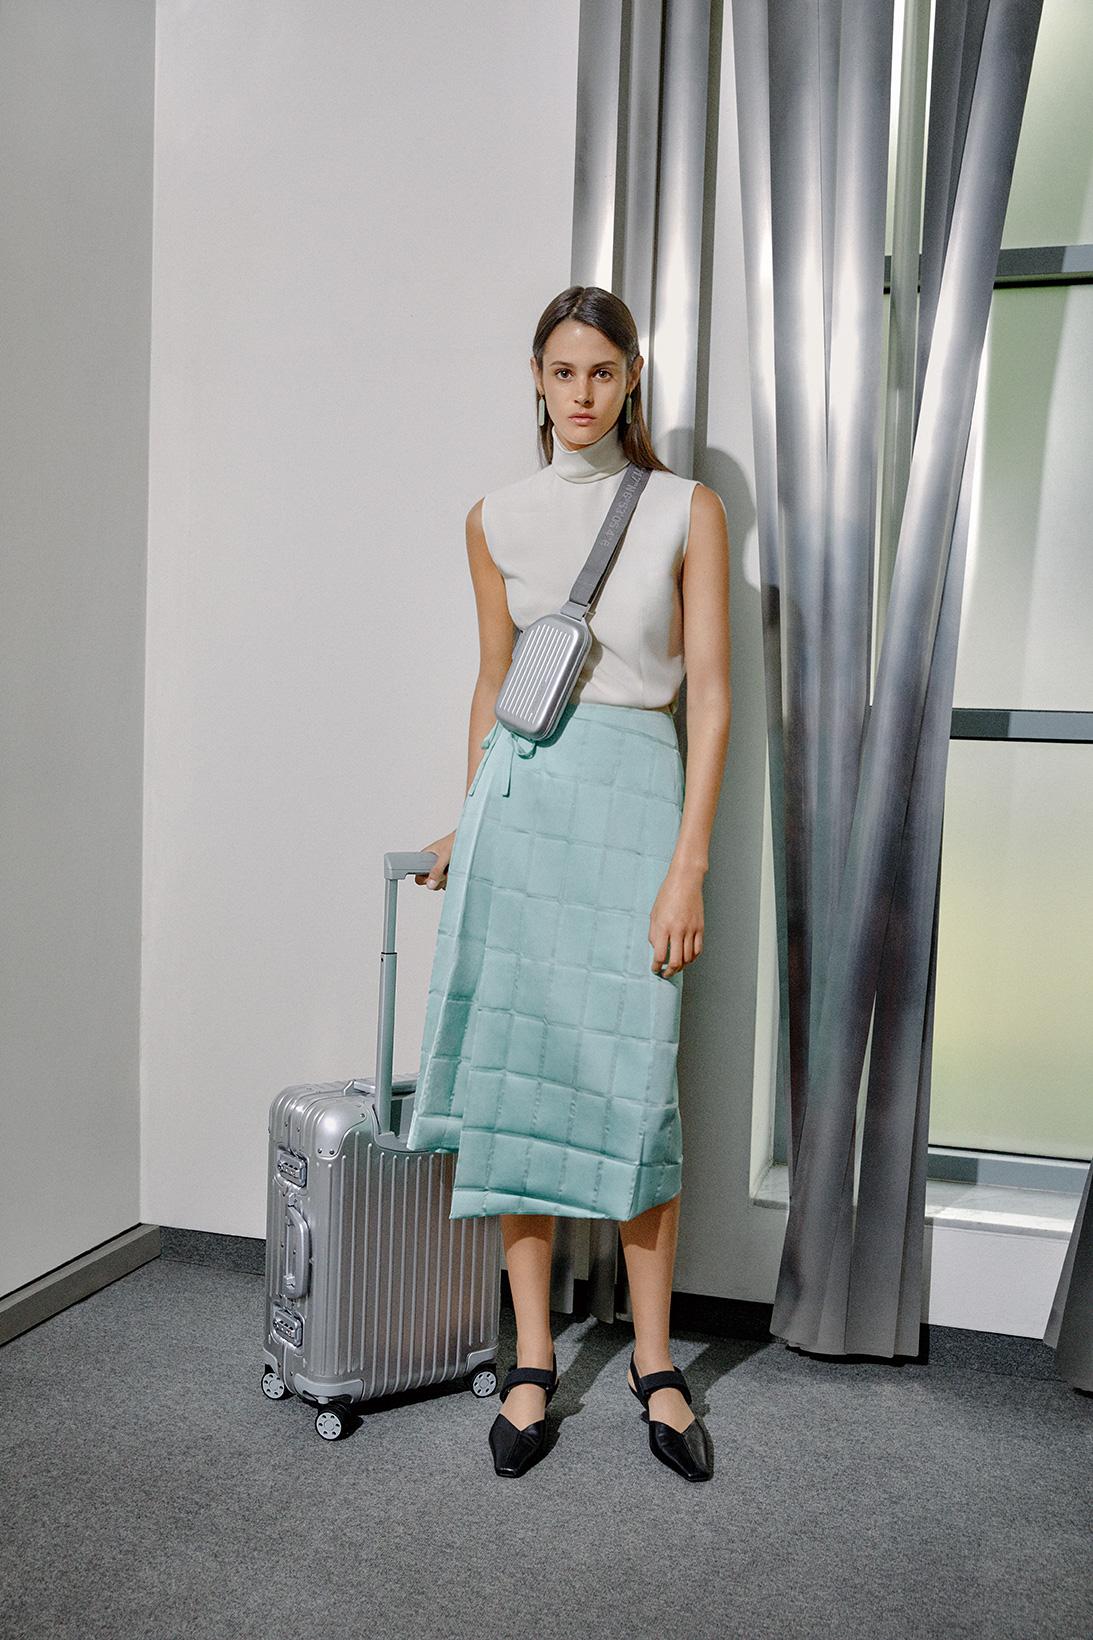 Rimowa выпустил новые унисекс-модели сумок (фото 3)